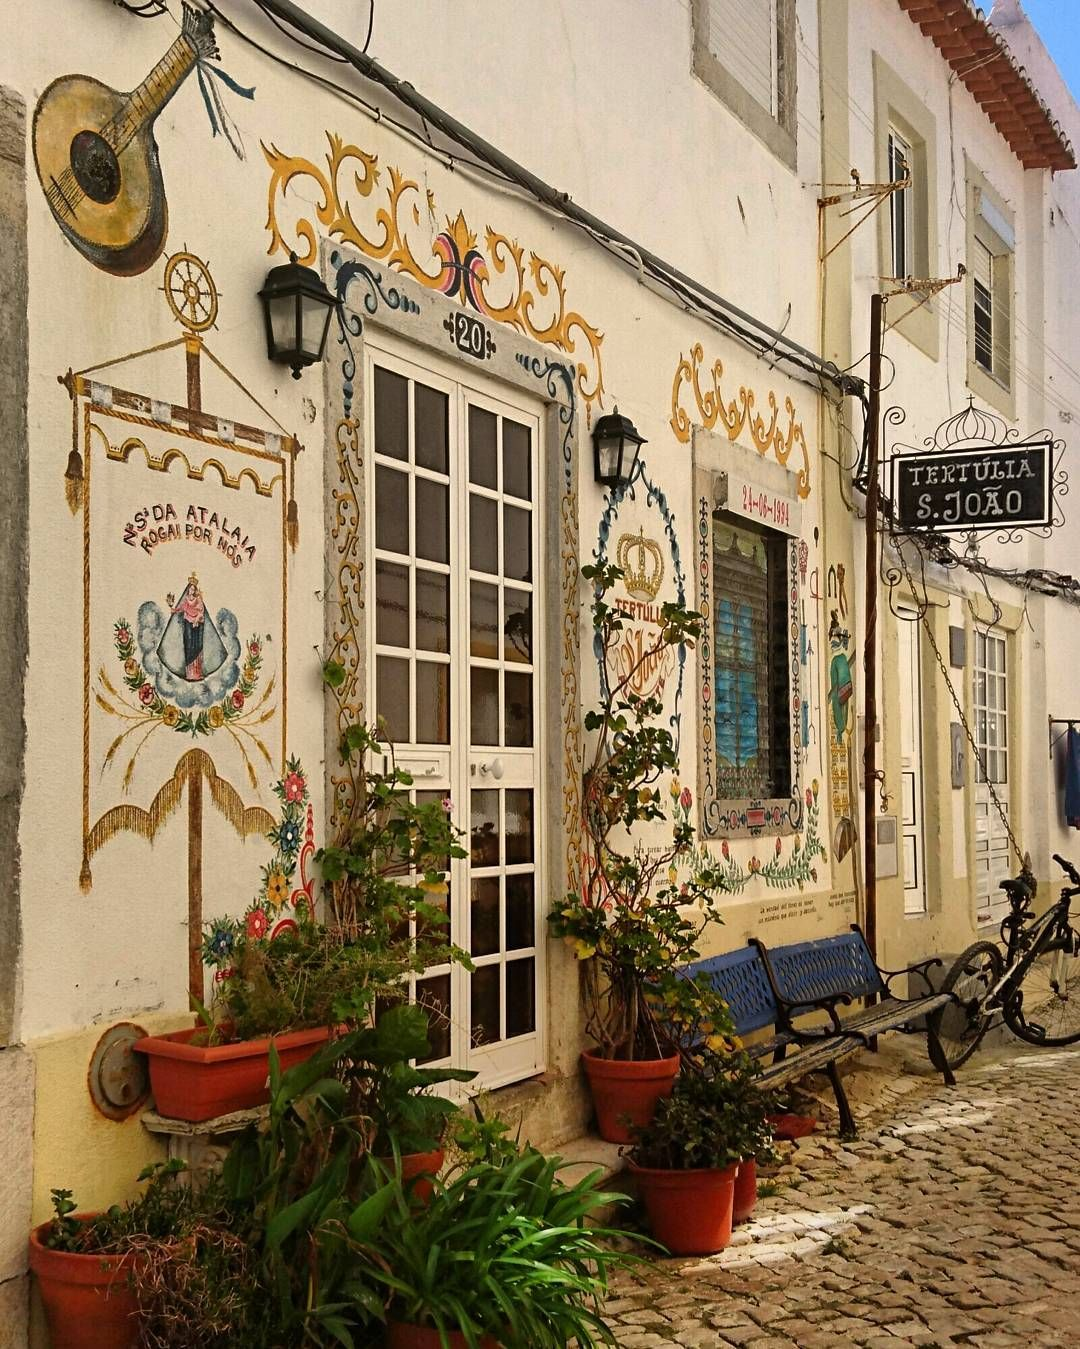 Fachadas... #rua #street #Portugal #típico #streetart #semfiltro by spray4life